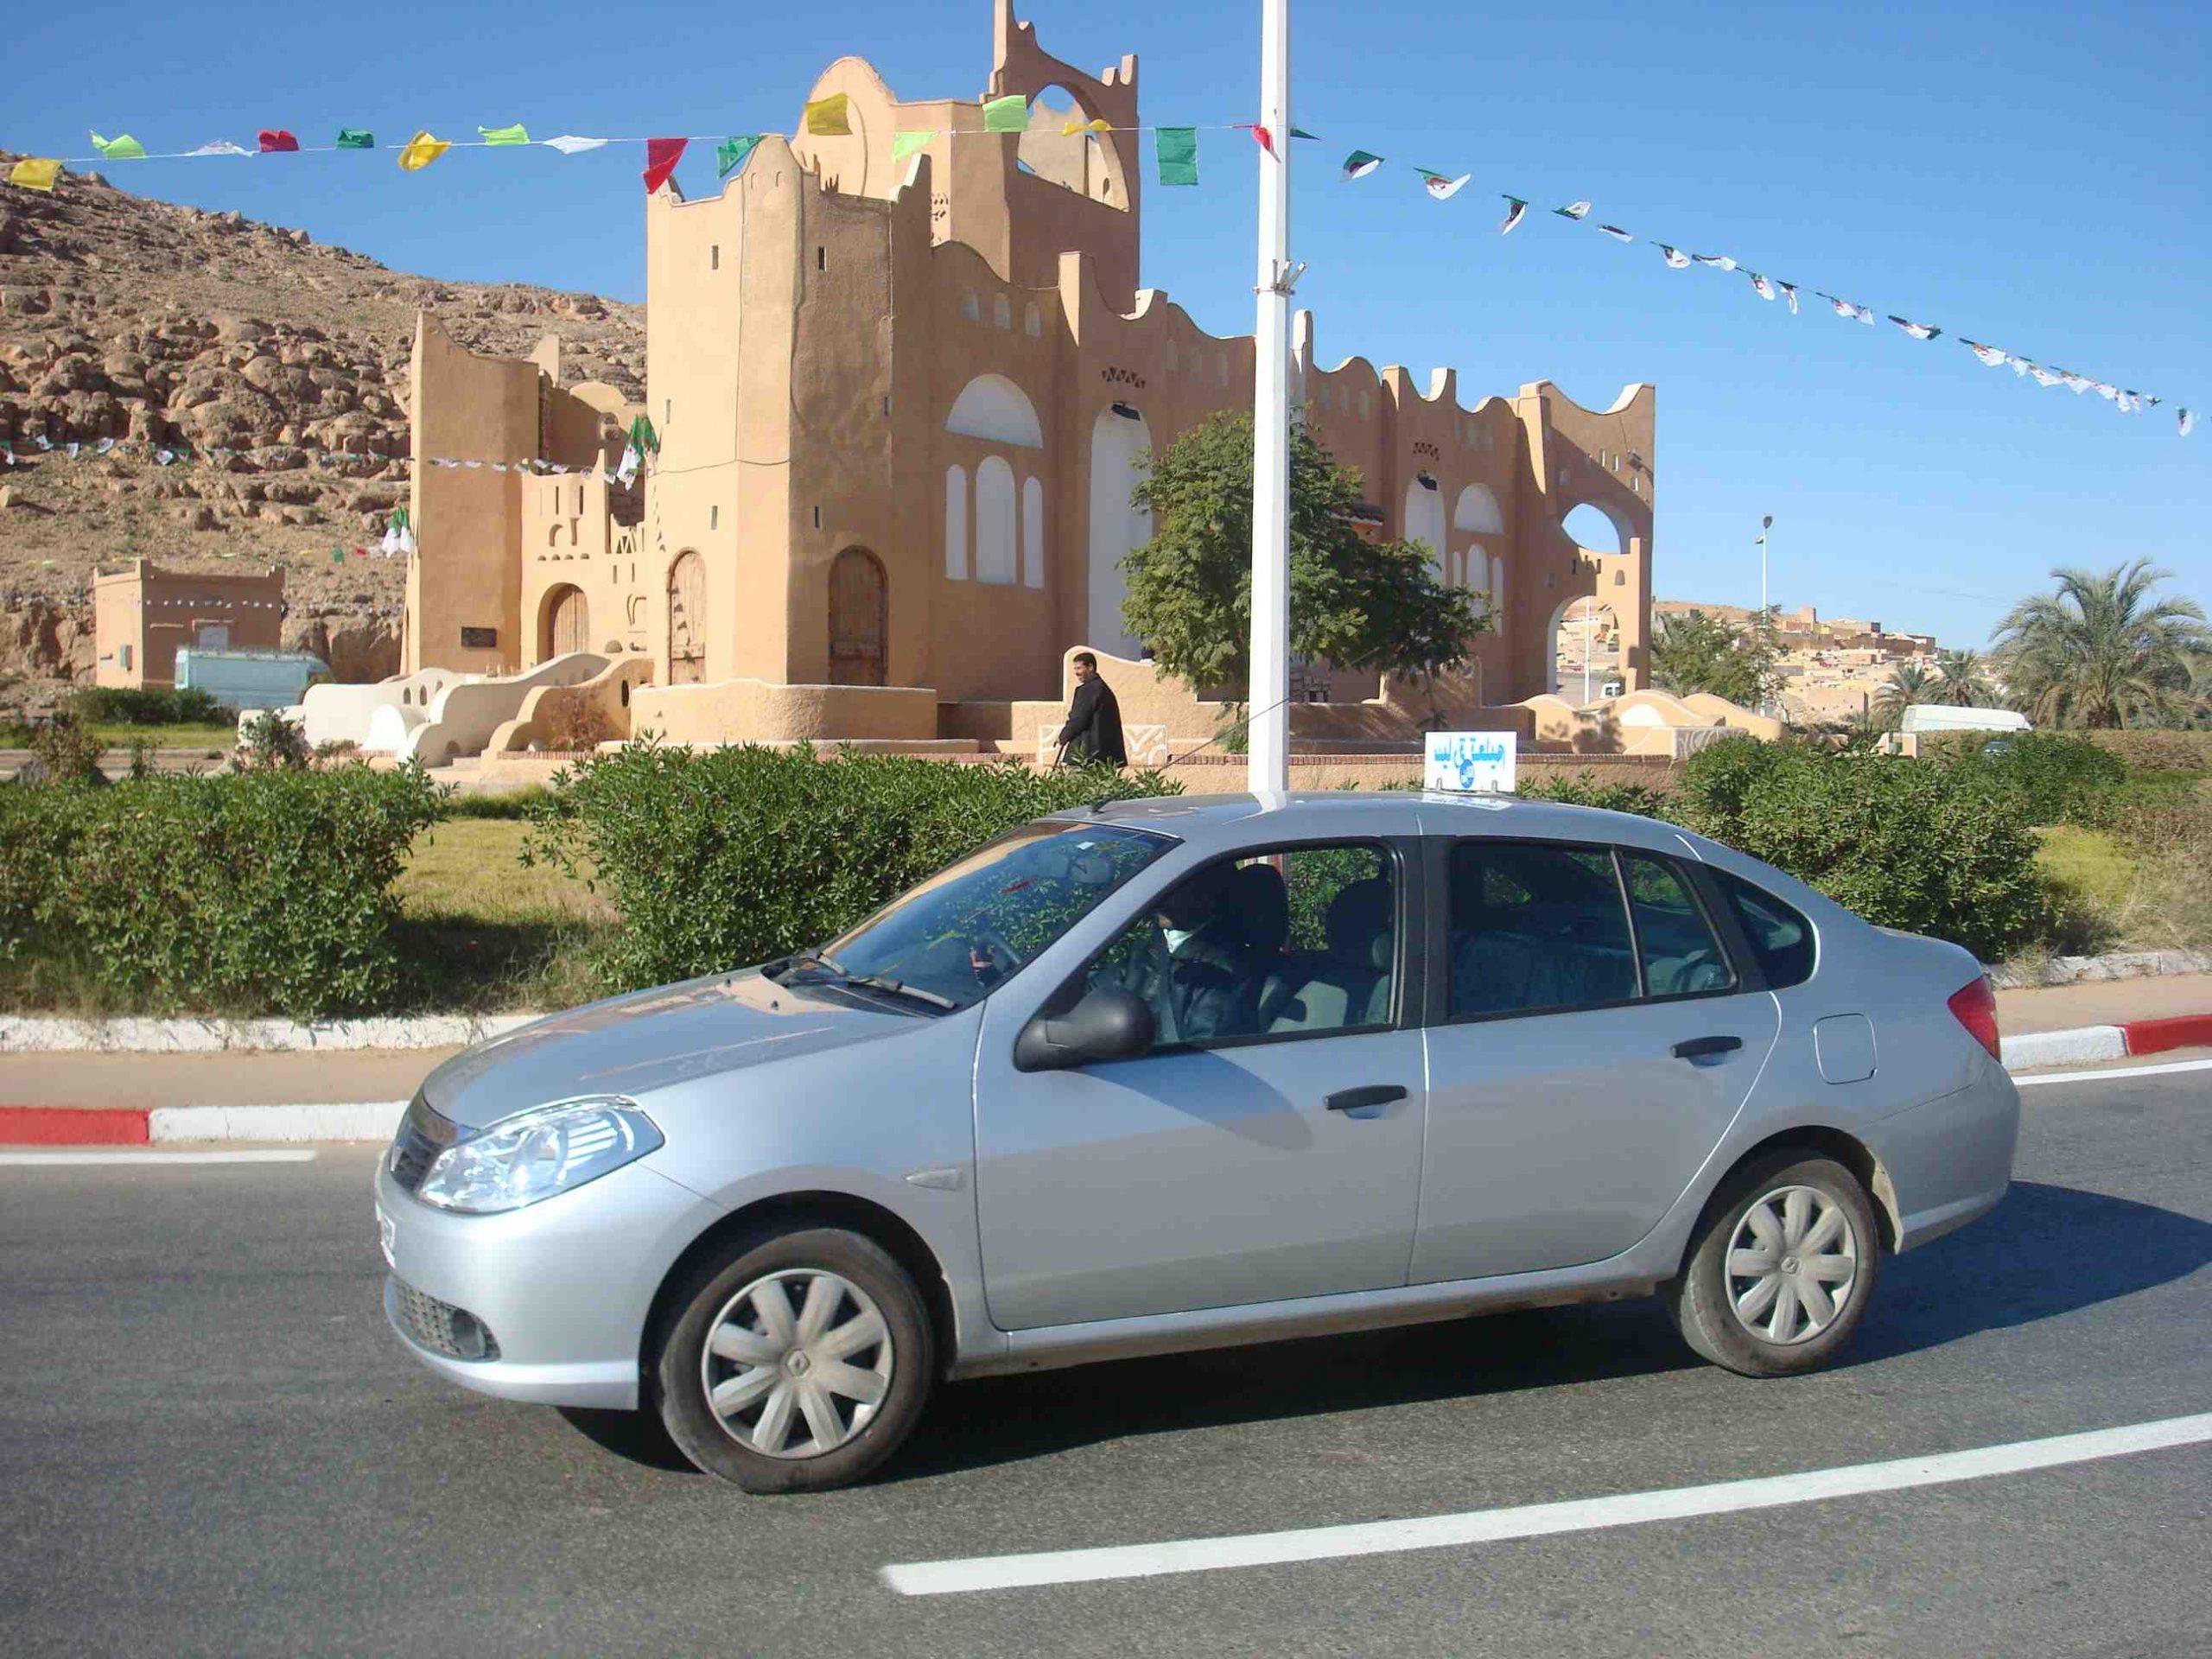 Comment devenir examinateur du permis de conduire en Algerie ?